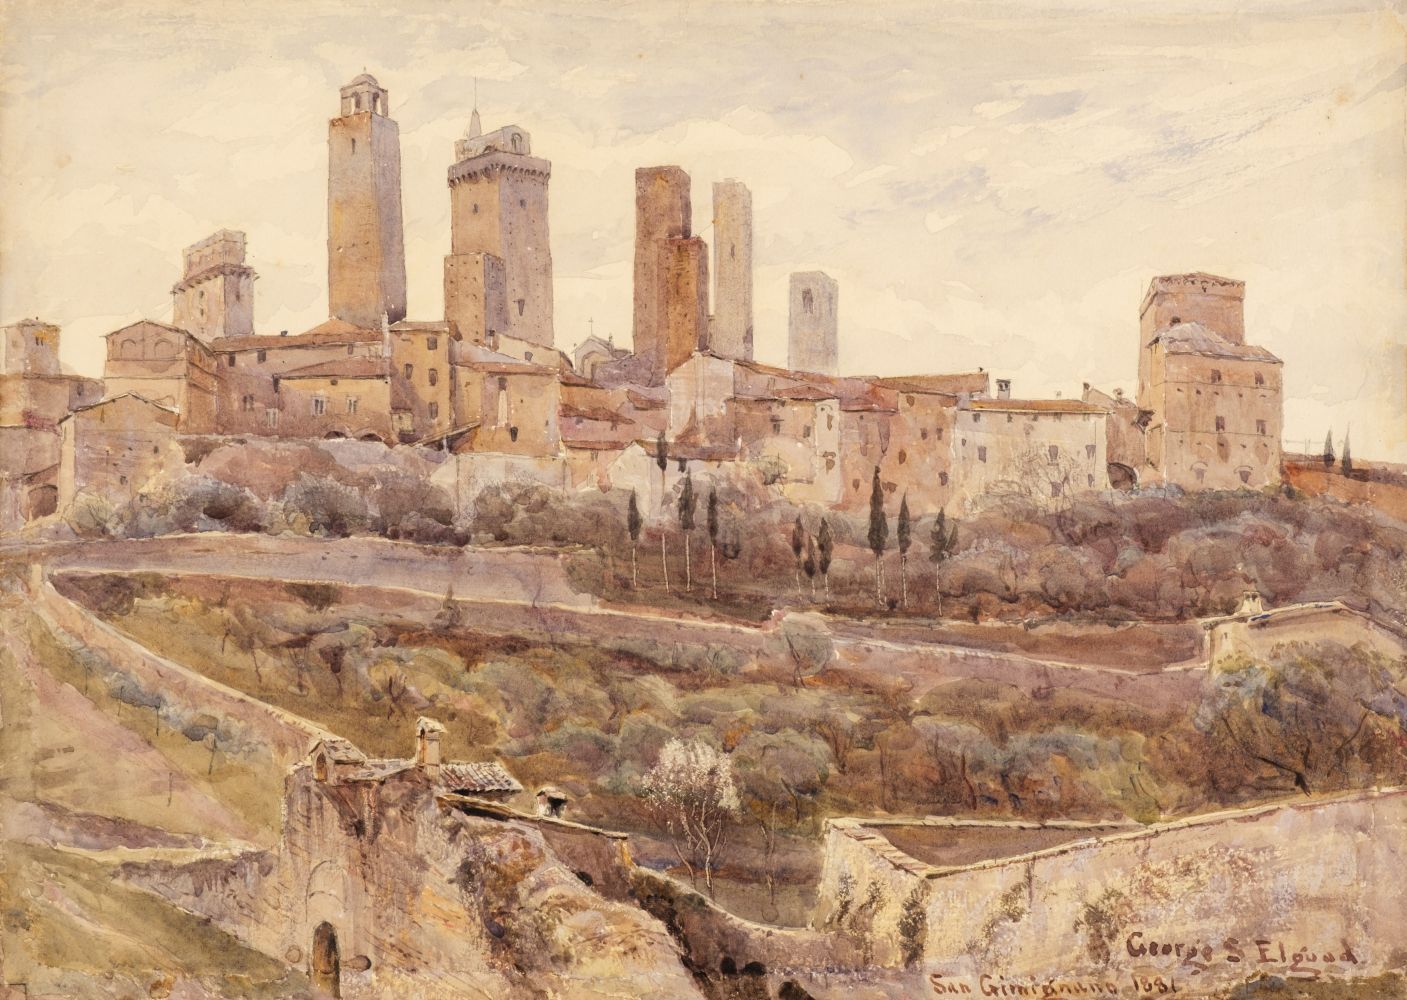 * Elgood (George S., 1851-1943). San Gimignano, 1881